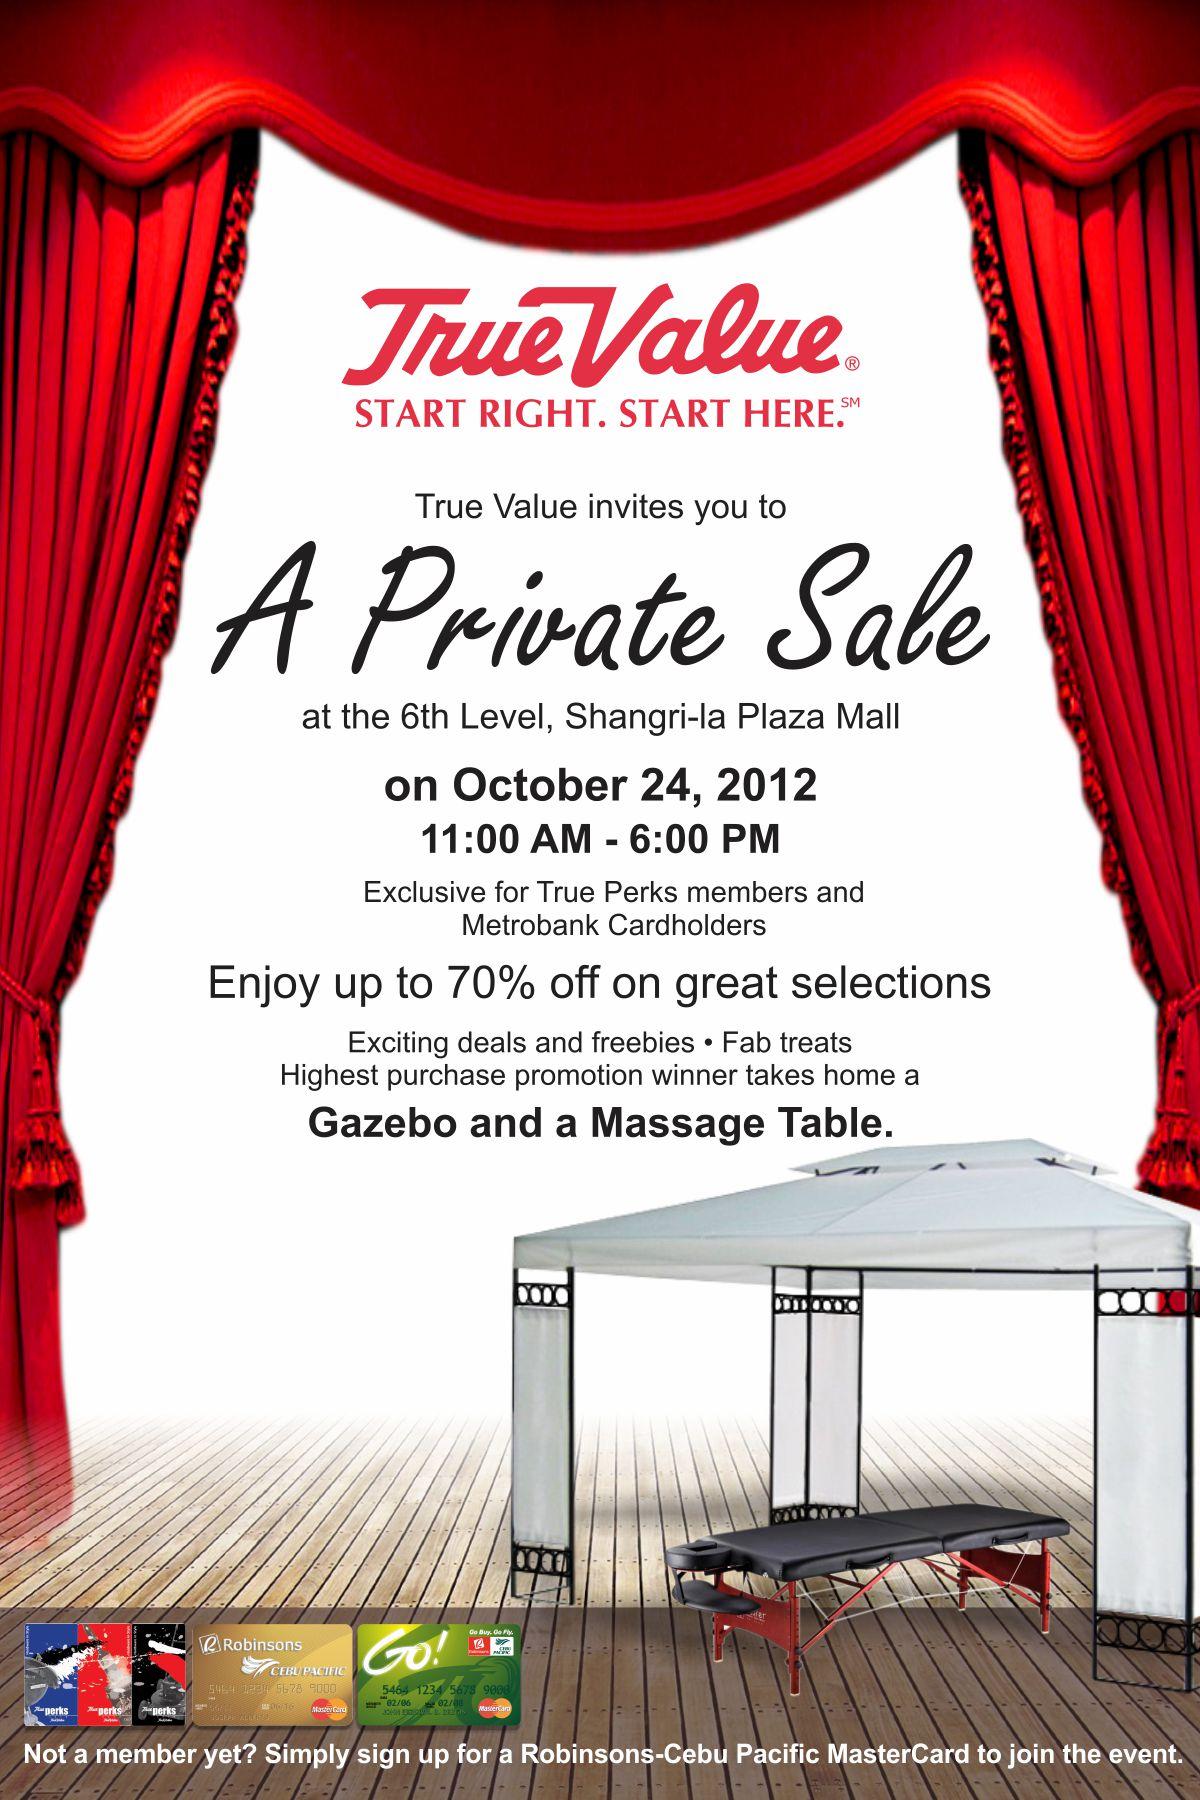 True Value's A Private Sale @ Shangri-La Plaza Mall October 2012